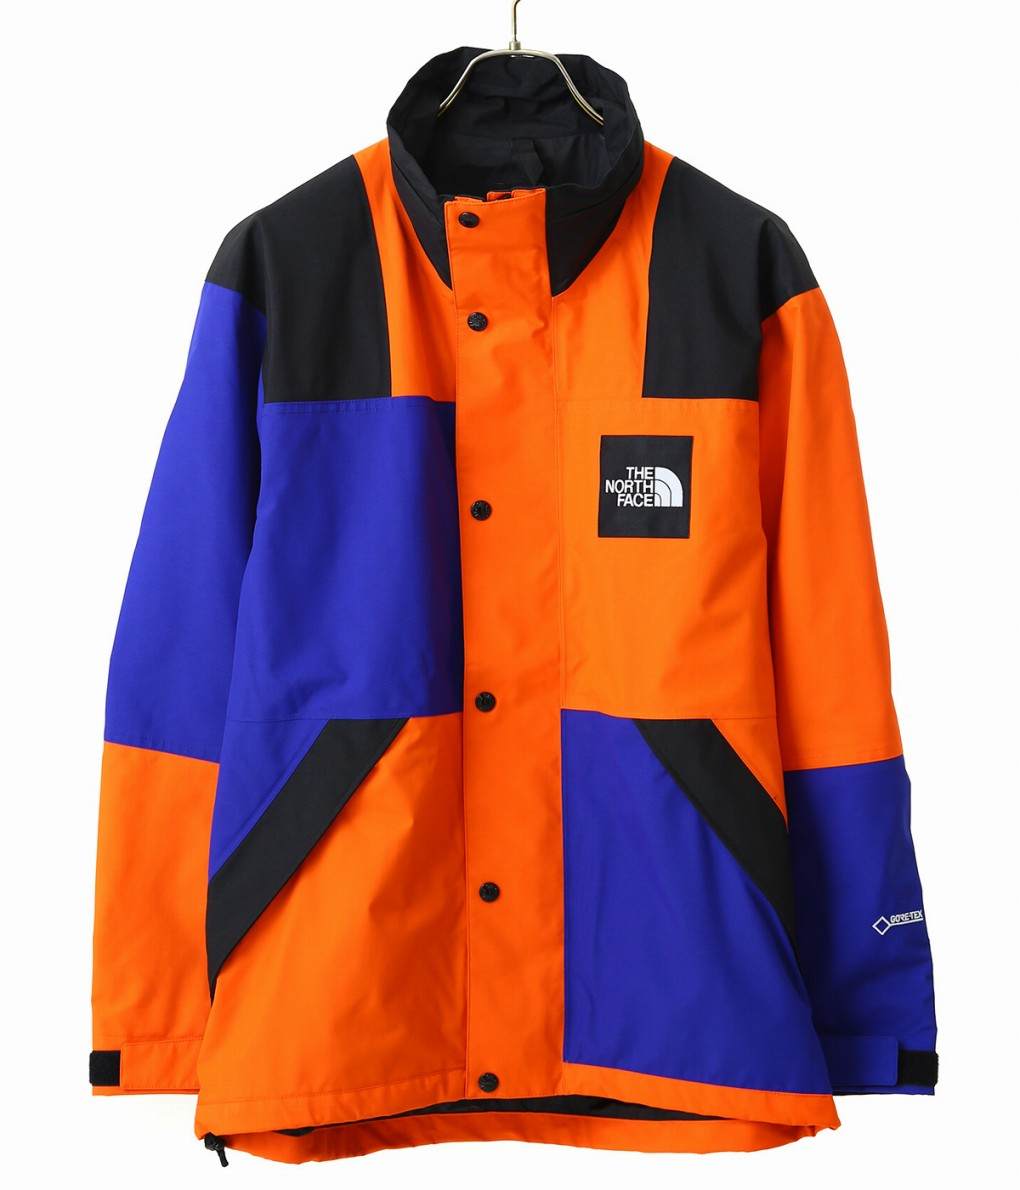 THE NORTH FACE / ザ ノースフェイス : RAGE GTX Shell Jacket : レイジ ジーティーエックス シェル ジャケット ゴアテックス 19SS 19春夏 メンズ : NP11961 【WAX】